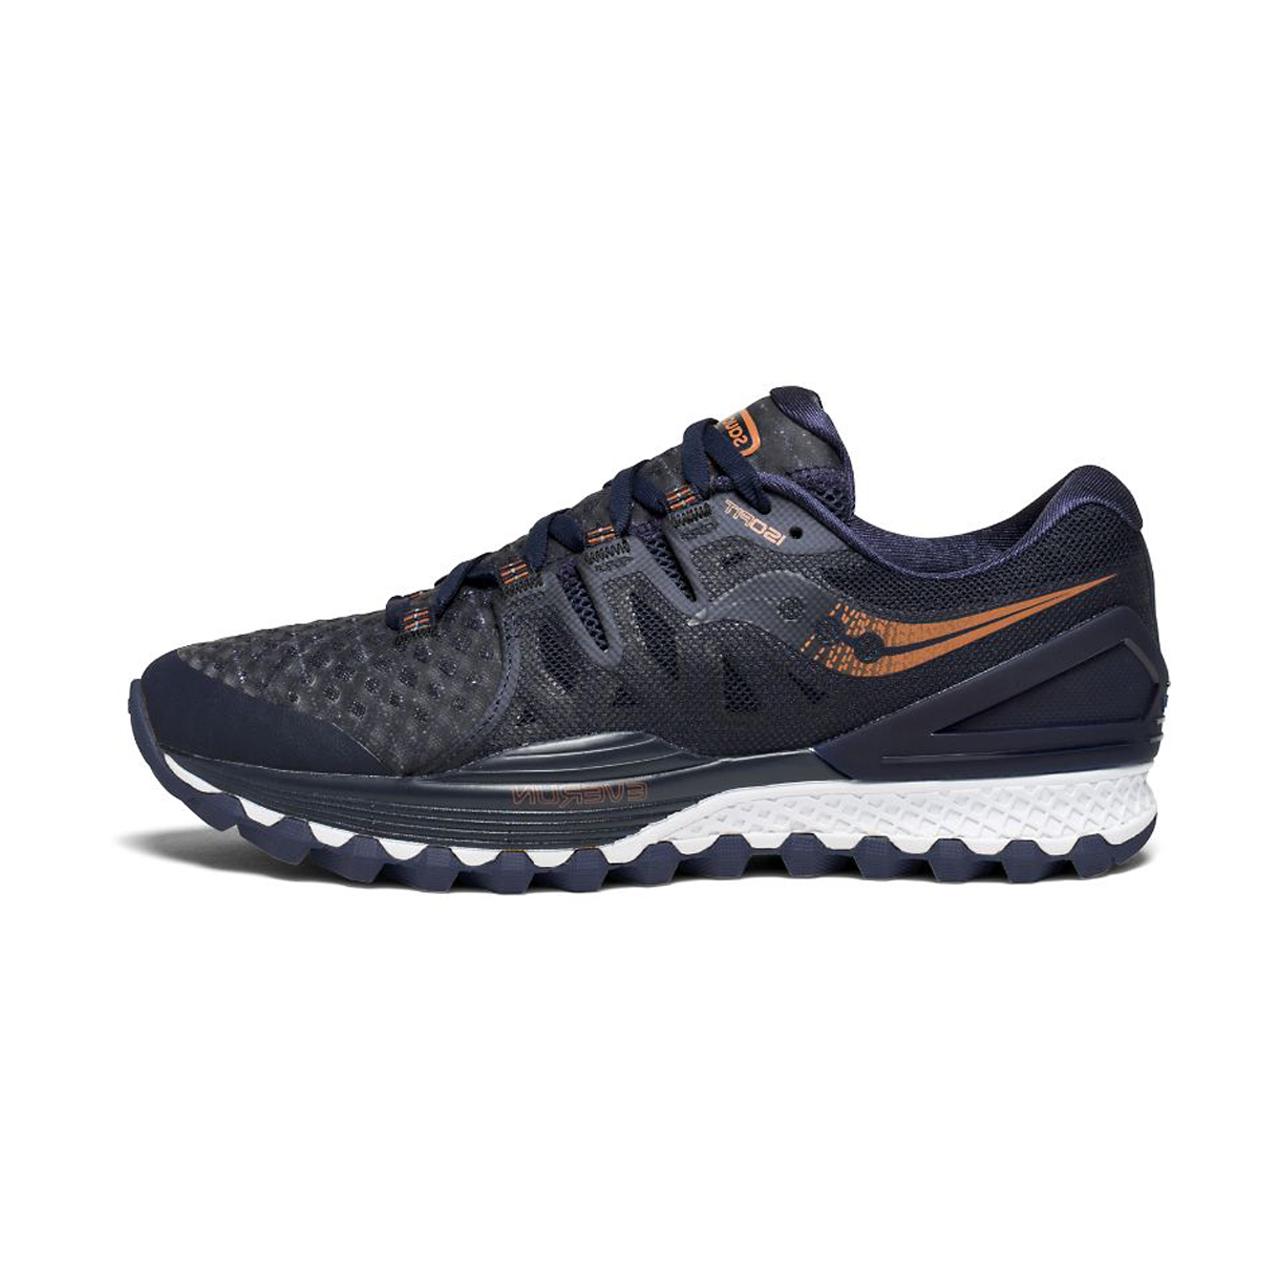 کفش مخصوص دویدن مردانه ساکنی مدل XODUS ISO 2 کد S20387-30